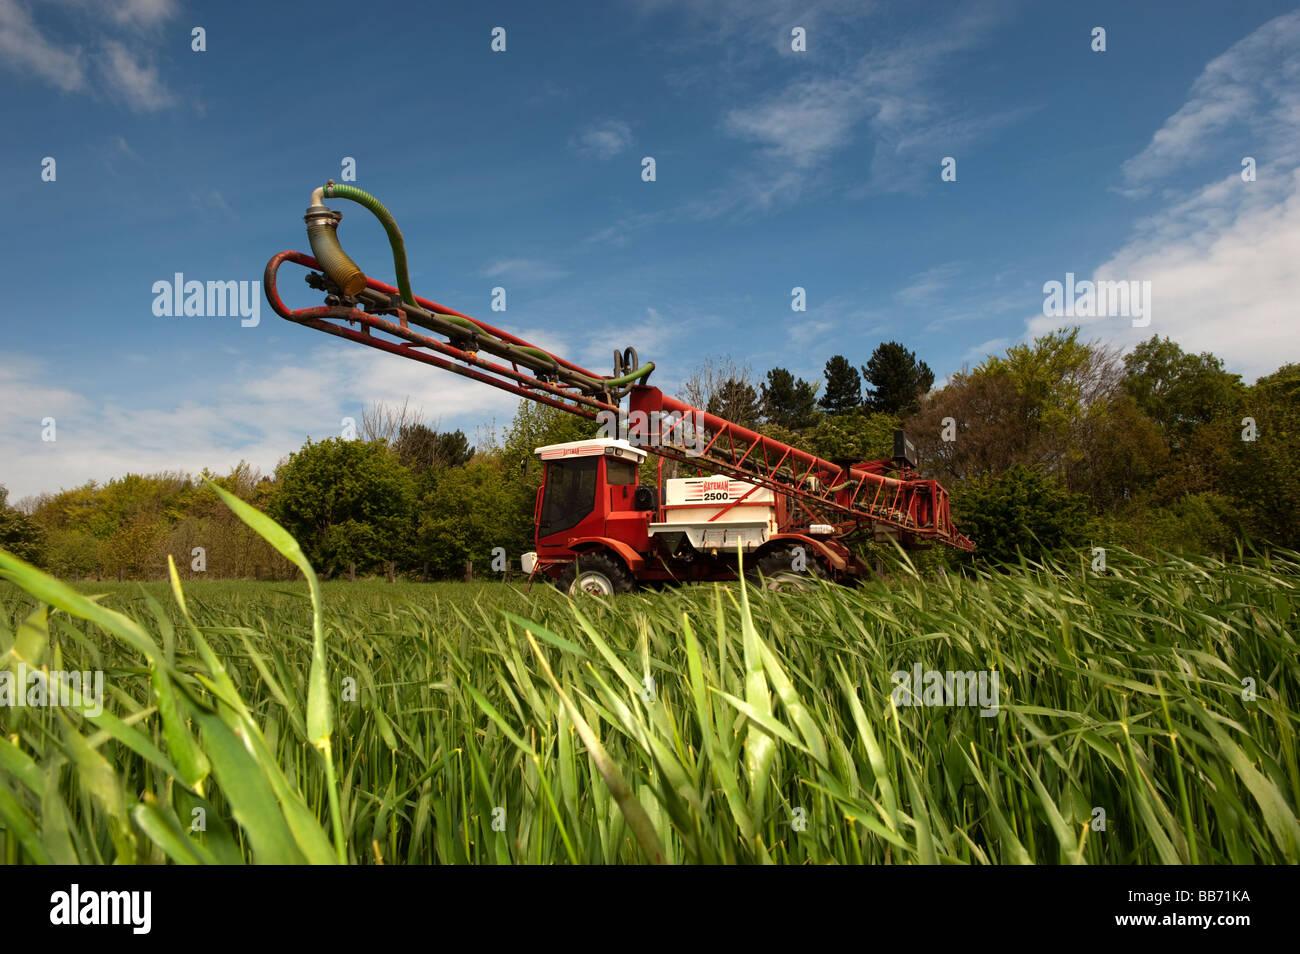 Bateman selbst fahrende Spritze immer bereit, Weizen-Getreide mit einem Fungizid Durham sprühen Stockbild